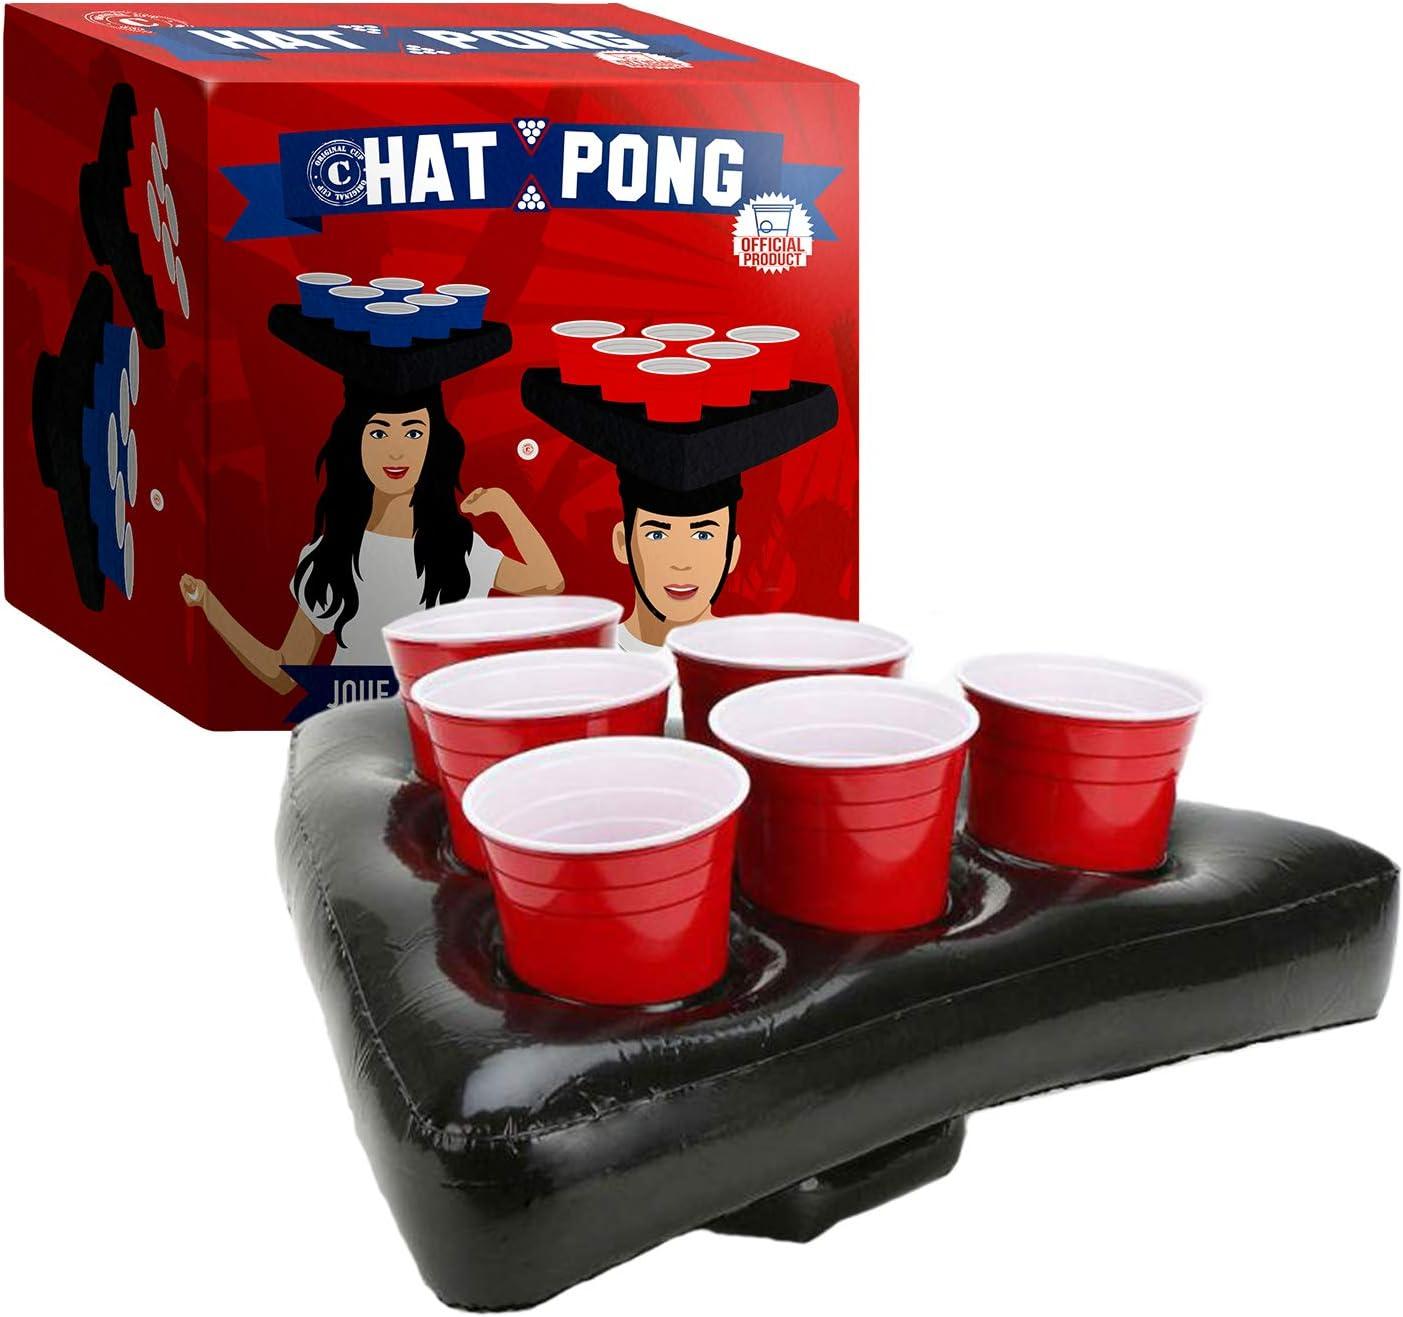 Original Cup - Hat Pong Juego de Pong de Cerveza Original - 2 Boyas de Sombrero - 12 Copas Americanas Rojo/Azul - 2 Bolas de Ping Pong - Juego de Noche - Juego de Beber